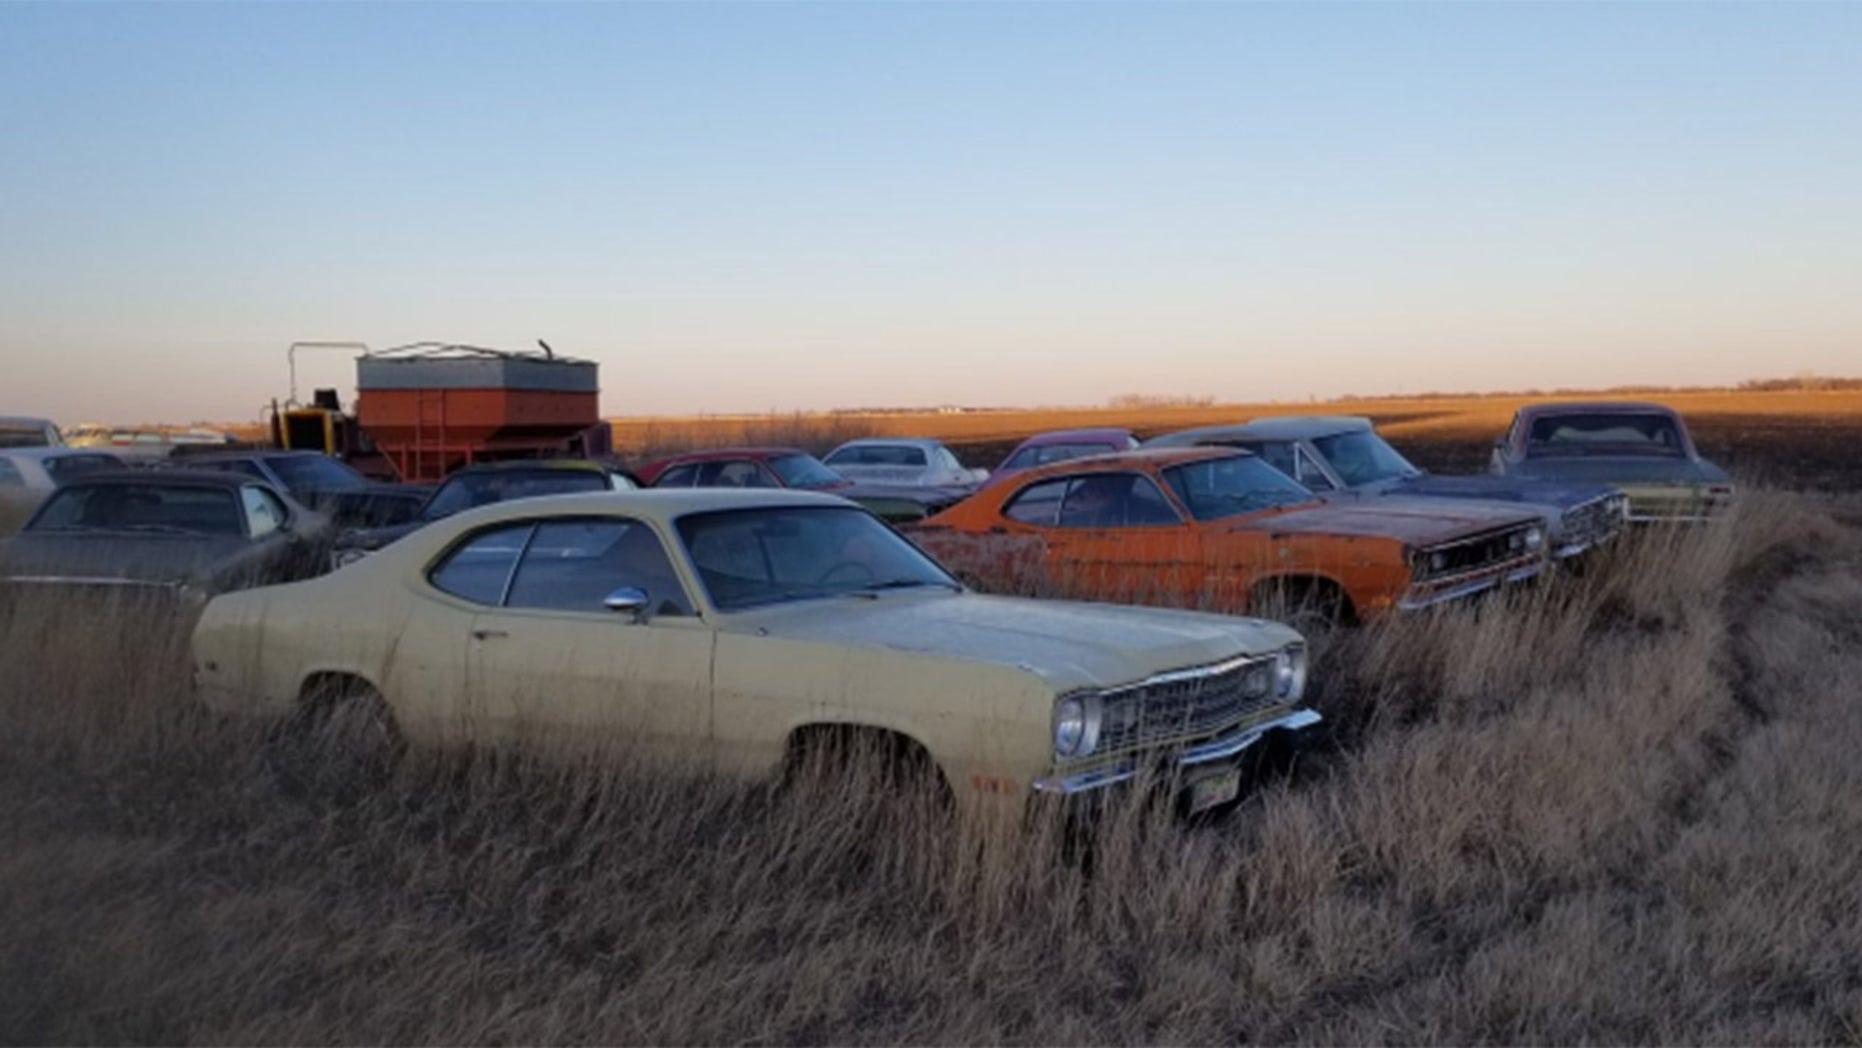 Mopar on New Dodge Dakota